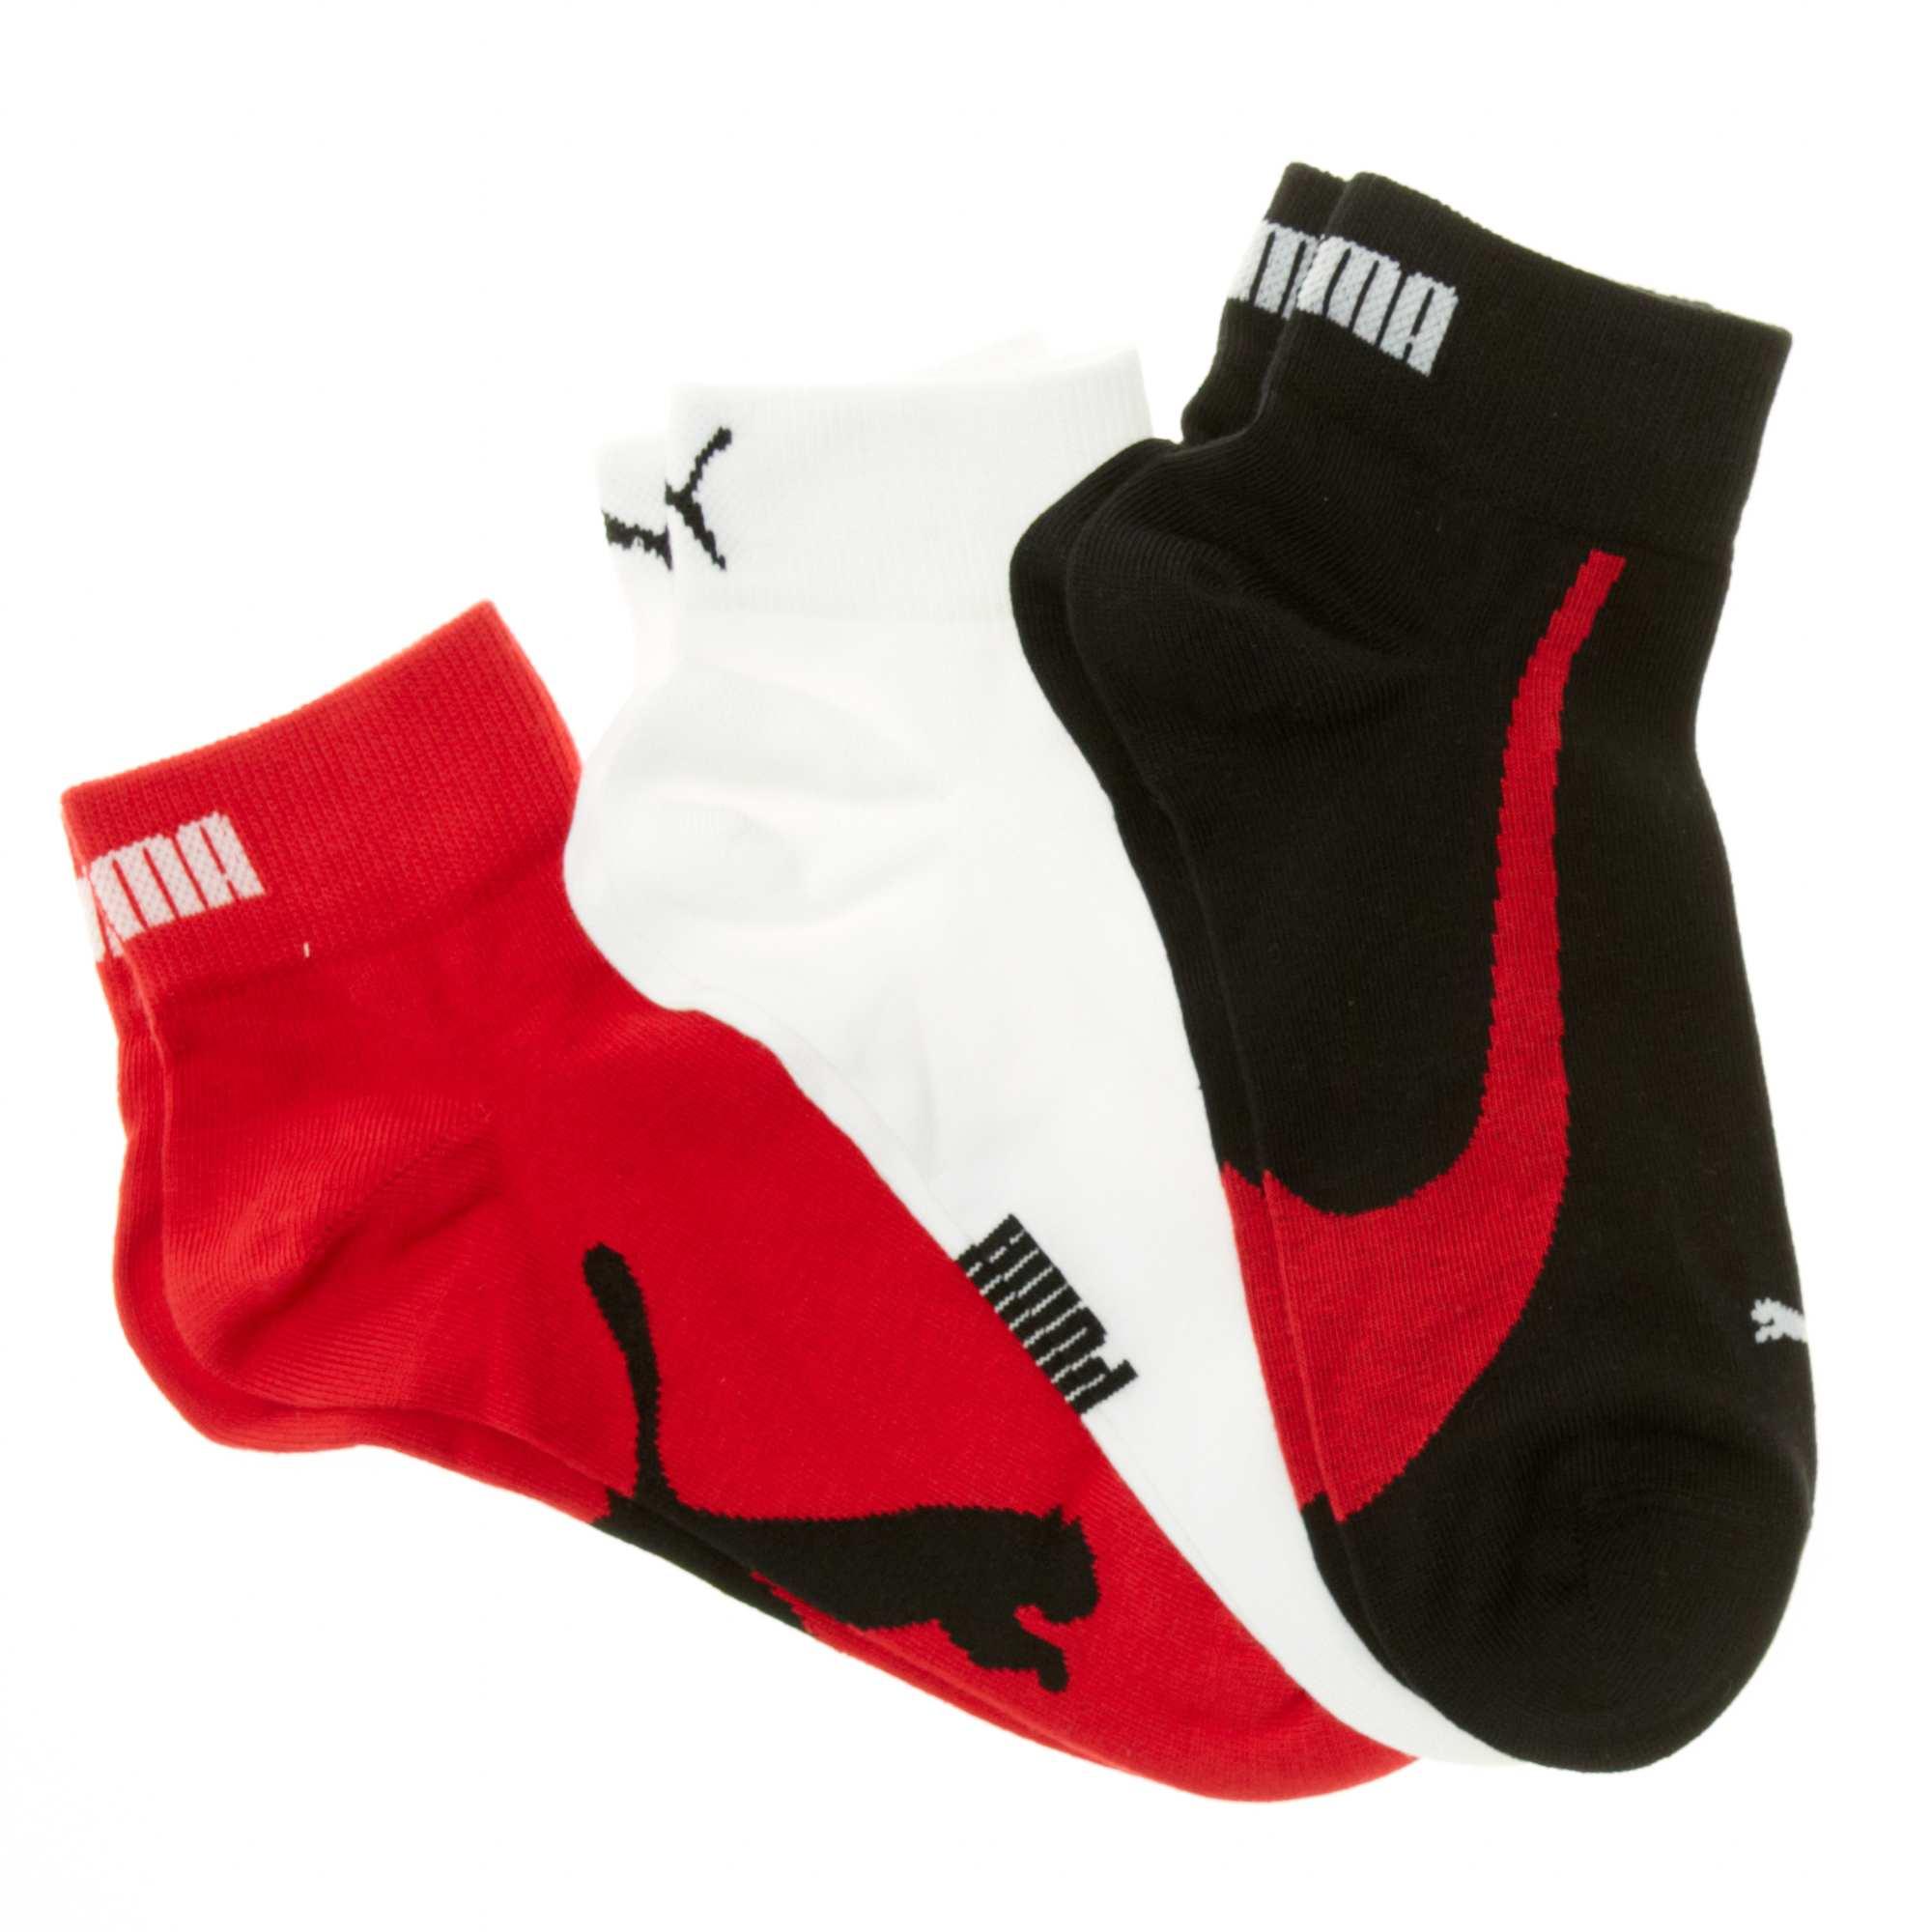 d4347d3a03261 Lot de 3 paires de chaussettes basses 'Puma' Homme - noir/blanc ...